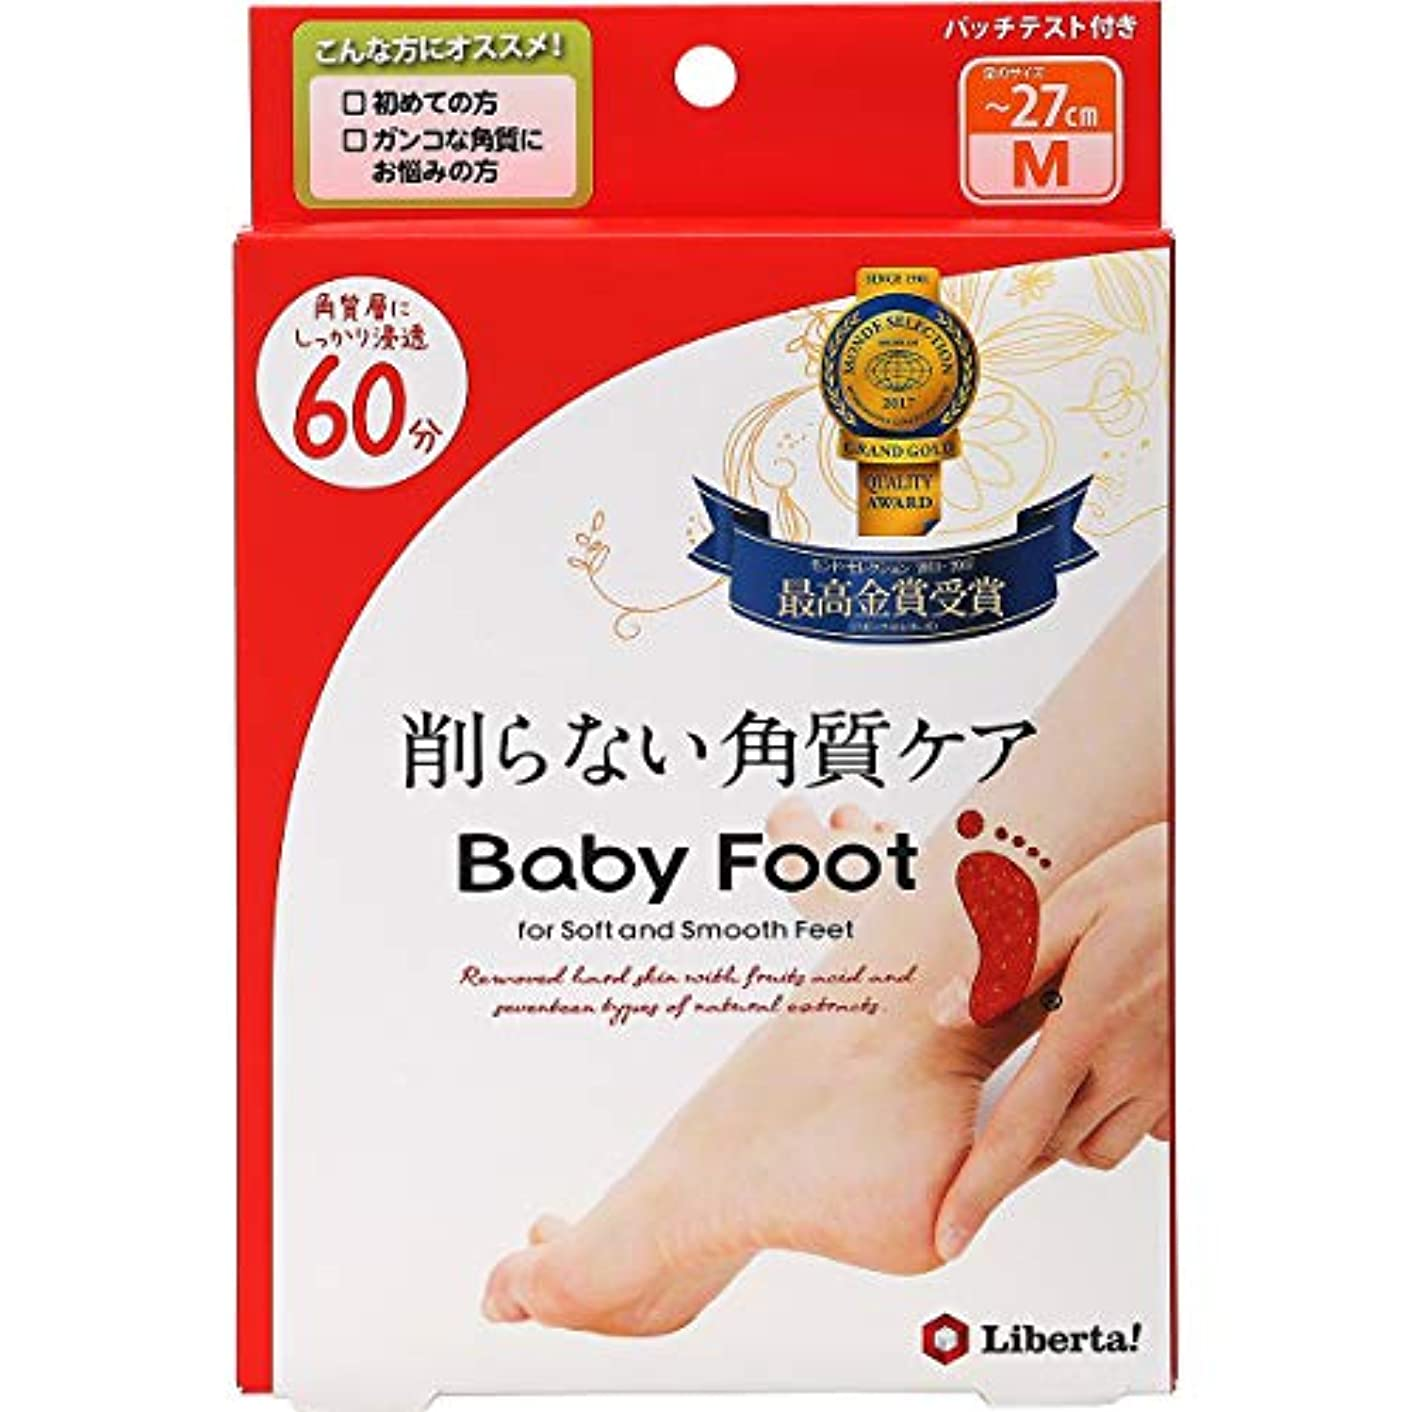 ライムビヨンラジウムベビーフット (Baby Foot) ベビーフット イージーパック SPT60分タイプ Mサイズ 単品